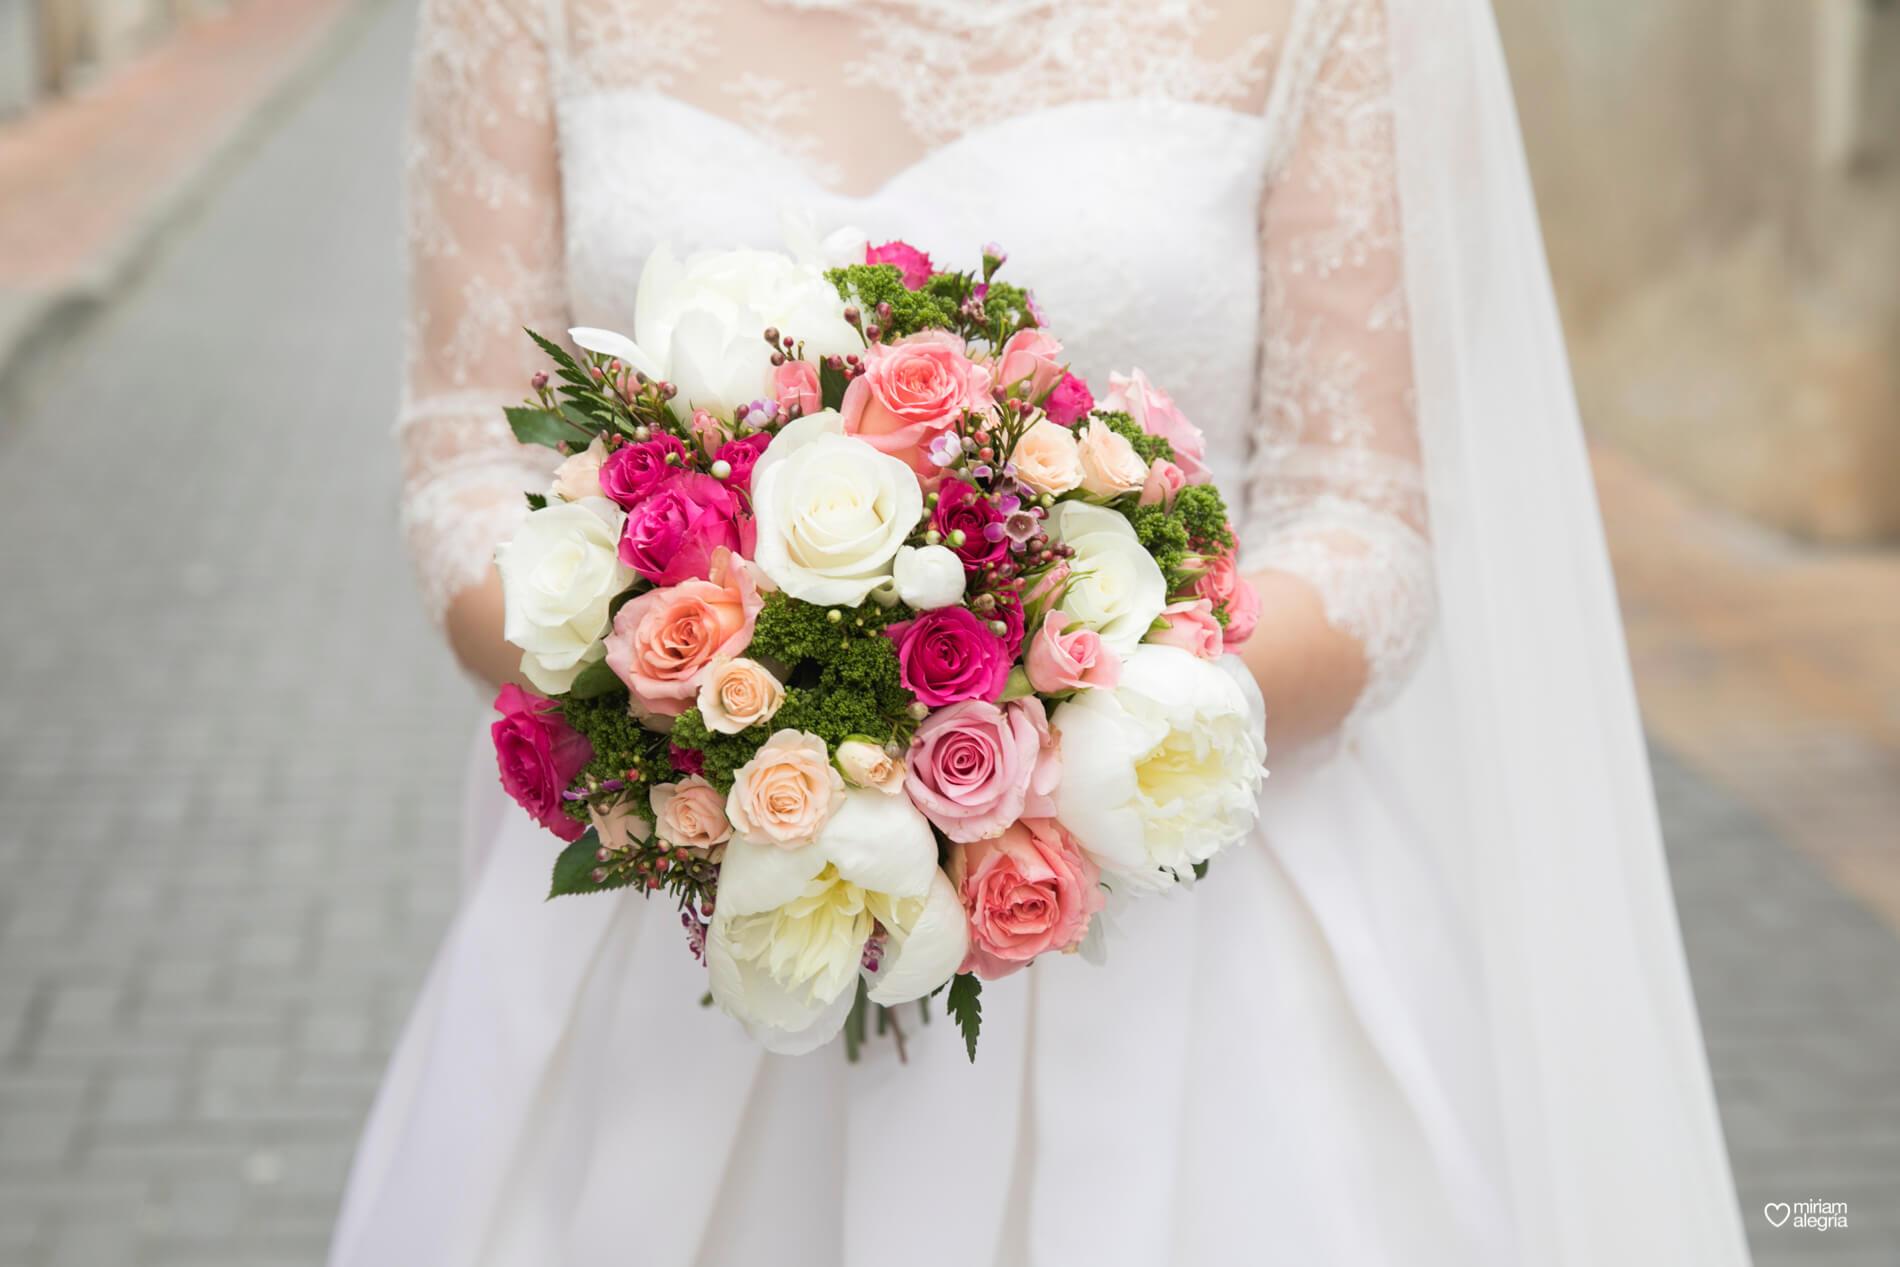 boda-en-el-rincon-huertano-miriam-alegria-fotografos-boda-murcia-33